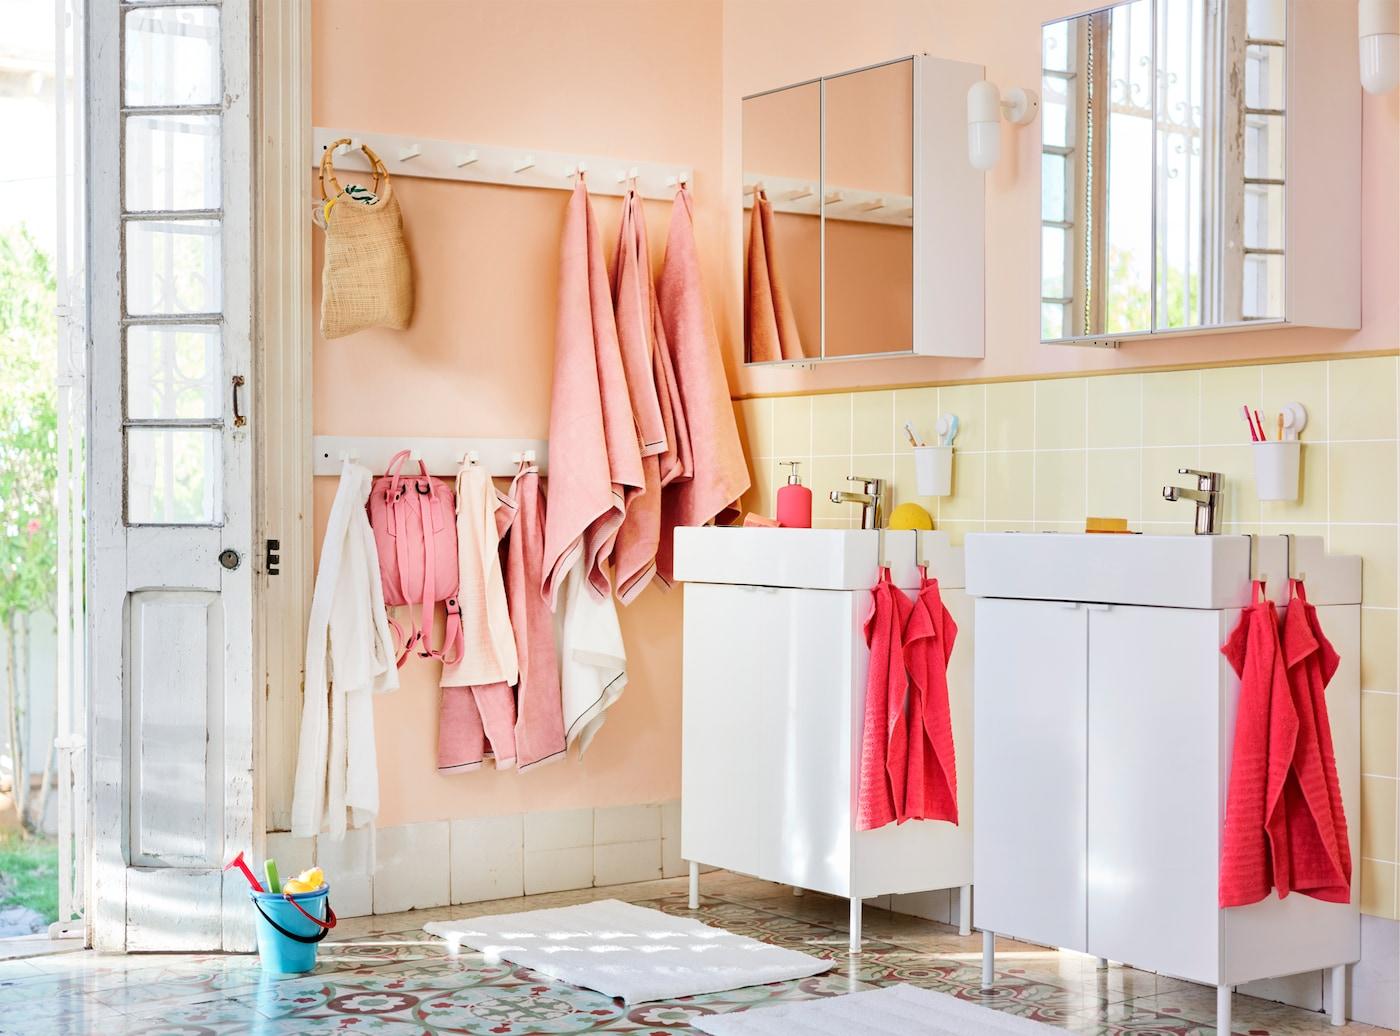 Färgglad badrumsmiljö med olika handdukar i både rosa och cerise, och väskor som hänger på väggen.